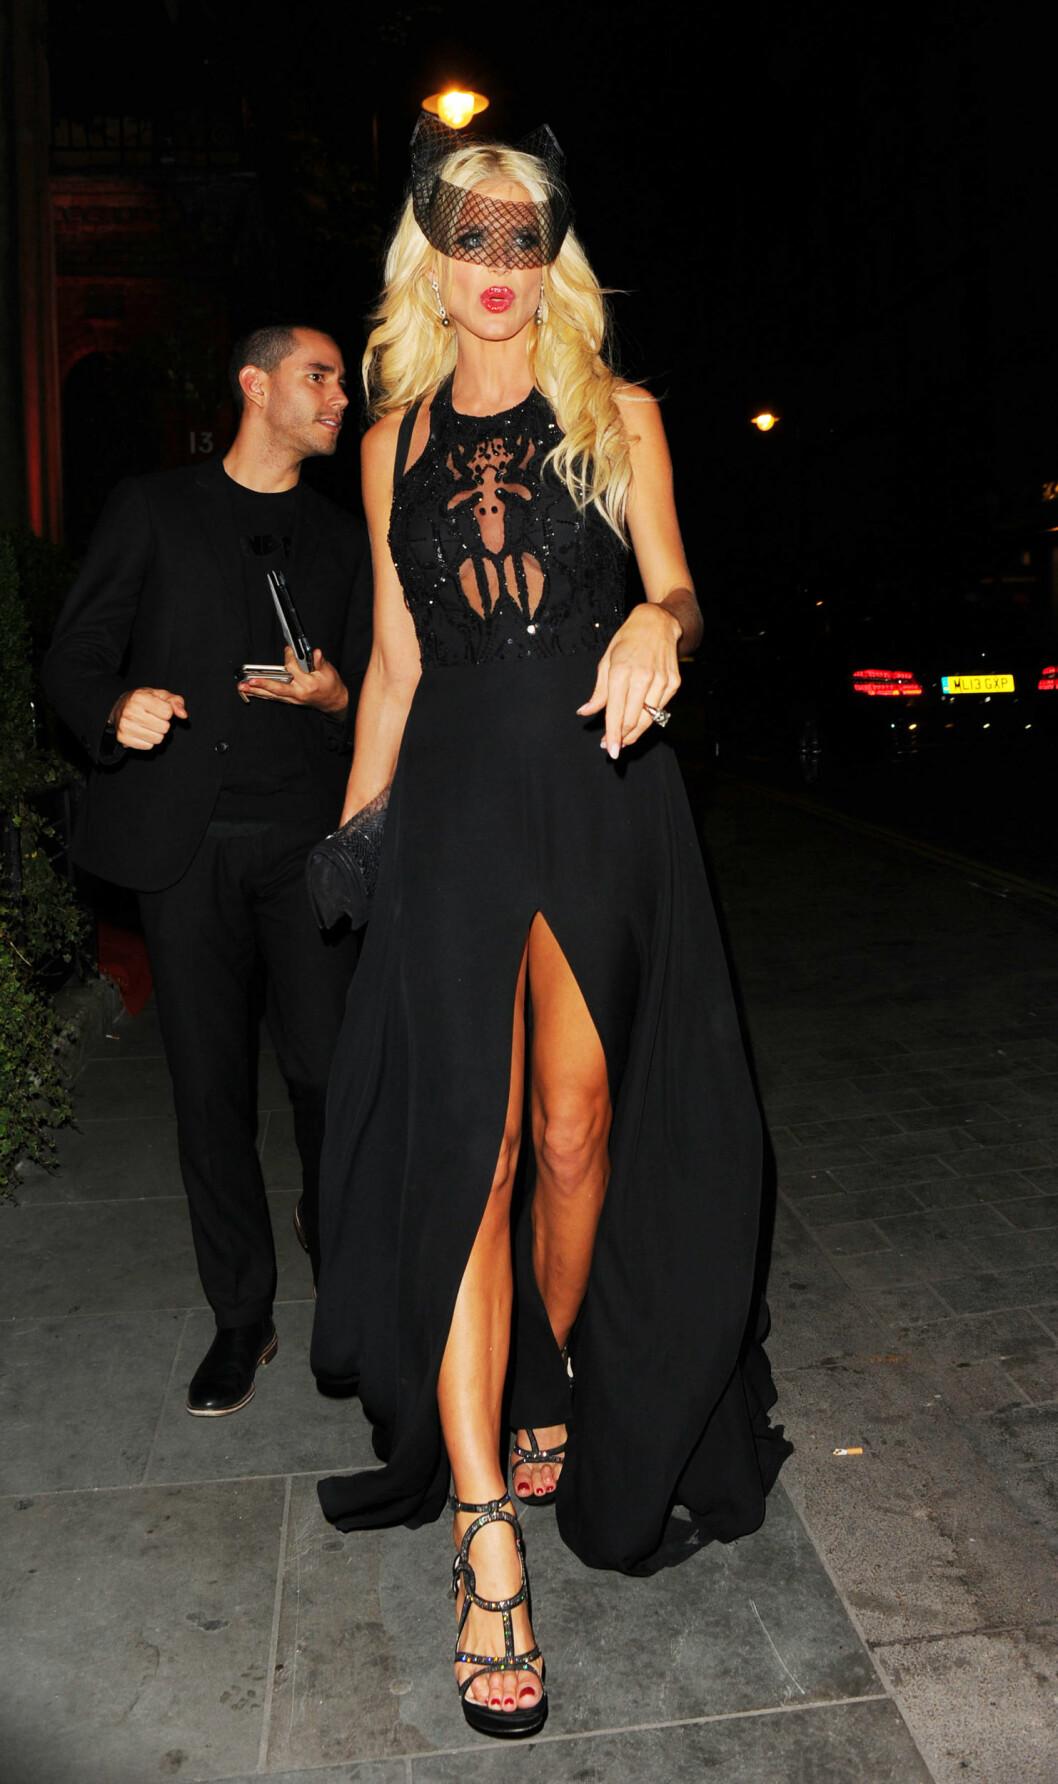 OVERDÅDIG: Den svenske modellen Victoria Silvstedt i en sort kjole med glitrende detaljer, gjennomskinnelig brystparti og høy splitt foran.  Foto: Xposure